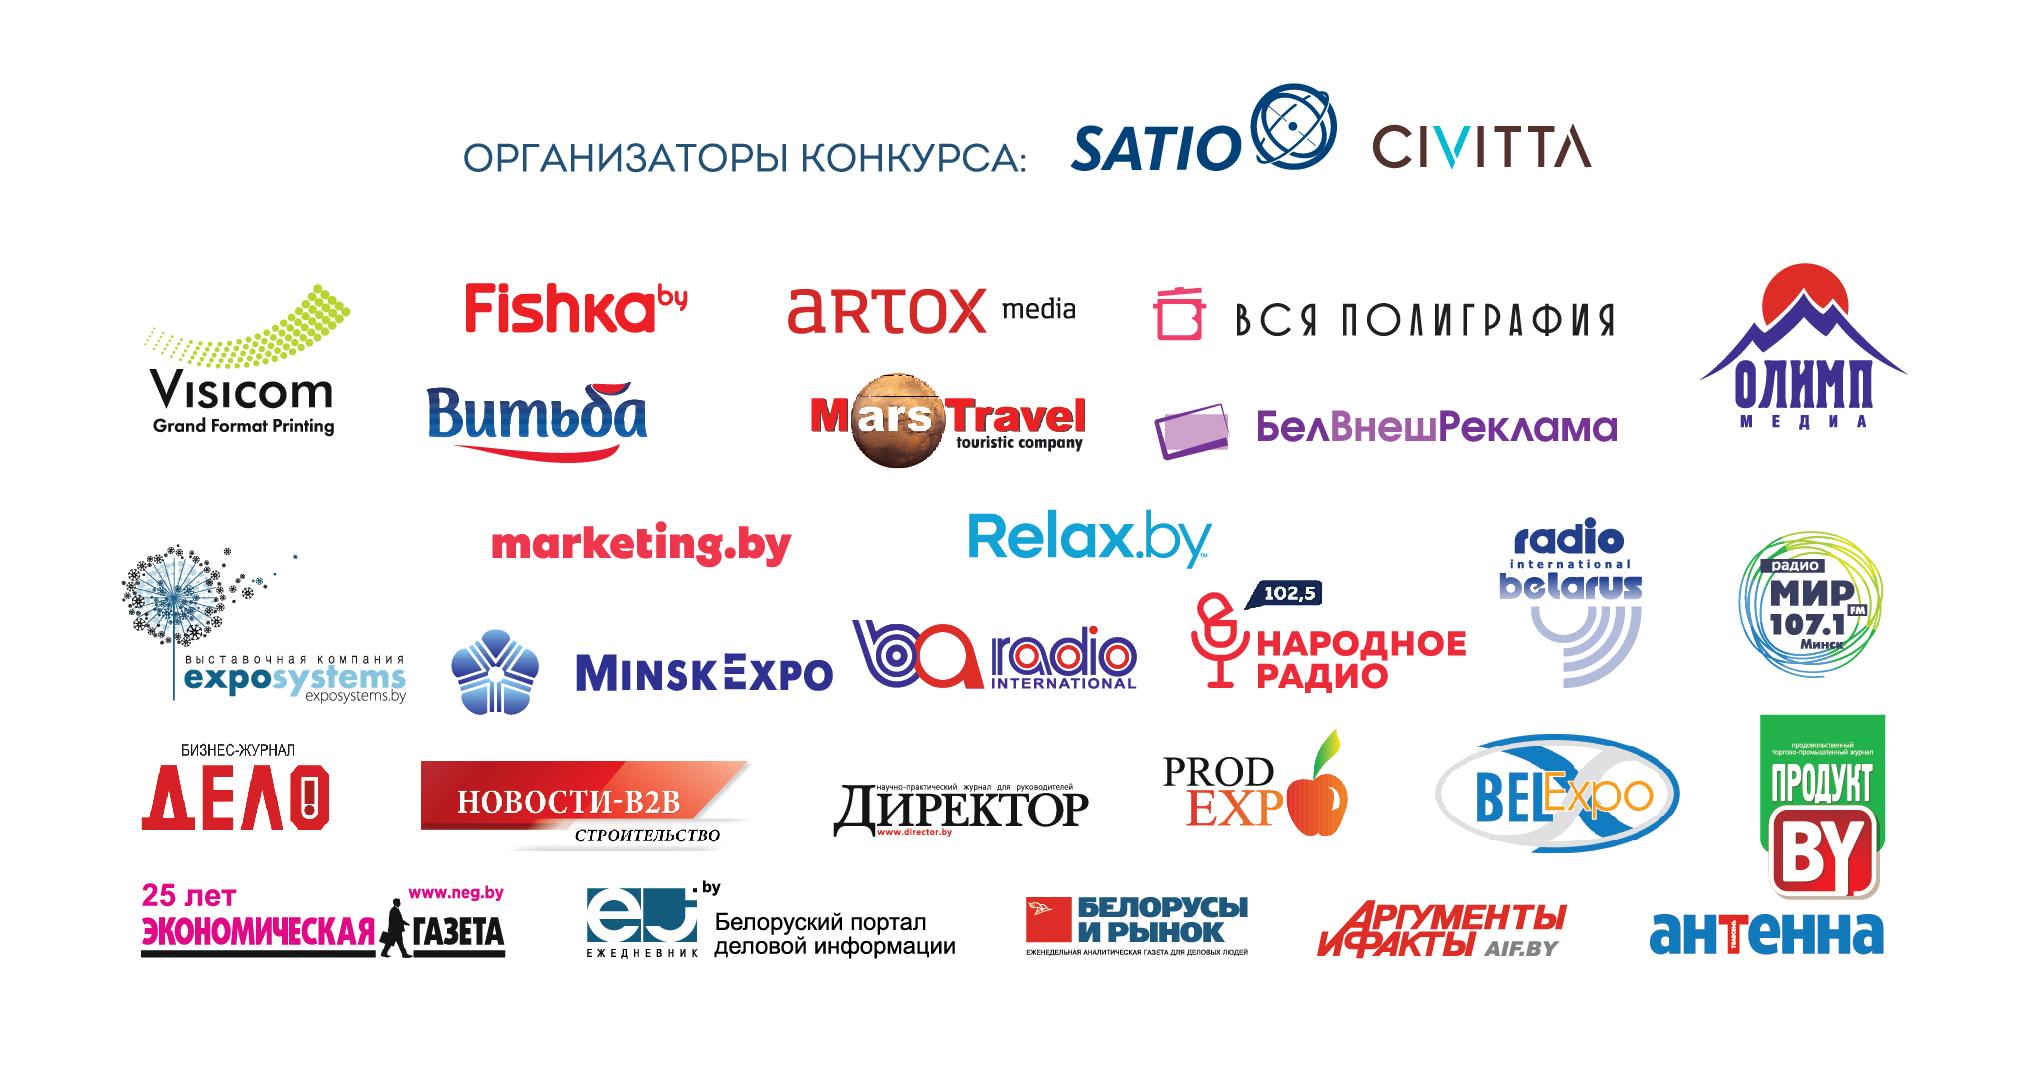 Утвержден состав жюри Почетной номинации «Социально ответственный бренд» Профессионального конкурса БРЭНД ГОДА 2017